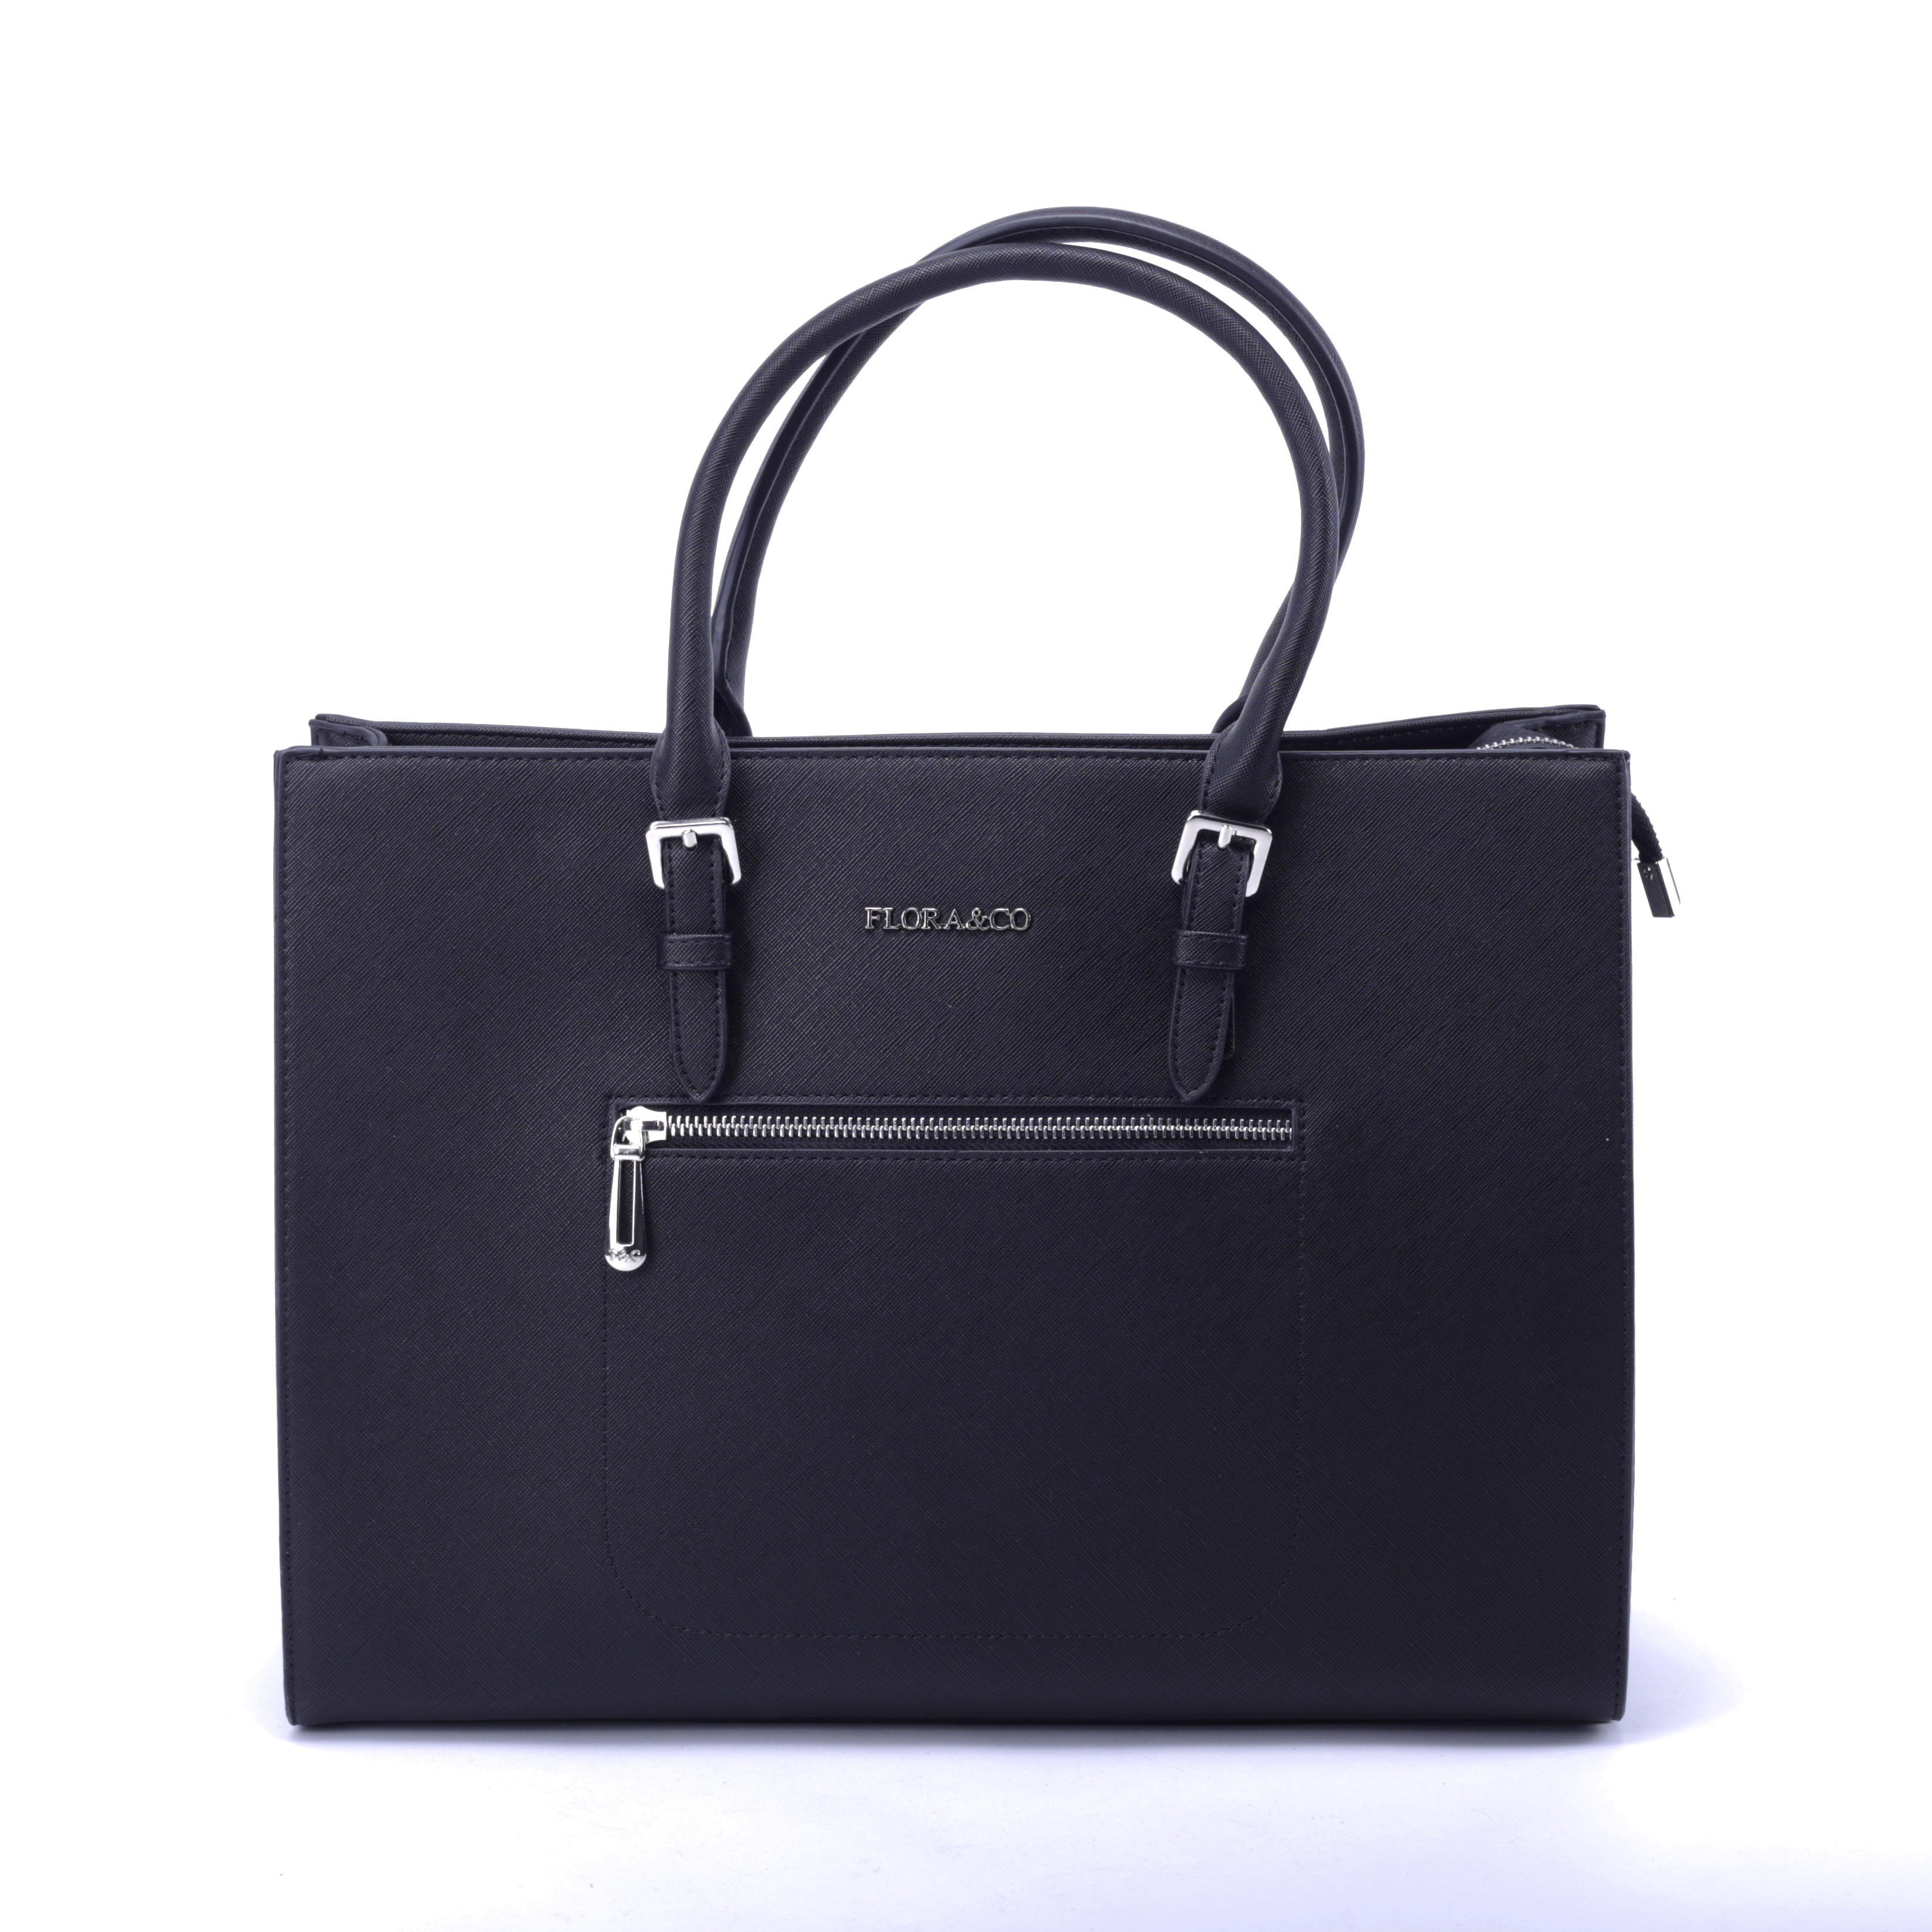 Flora Co Női Fekete Exkluzív Kézitáska - Válltáskák - Táska webáruház - Minőségi  táskák mindenkinek c604b0ee2b